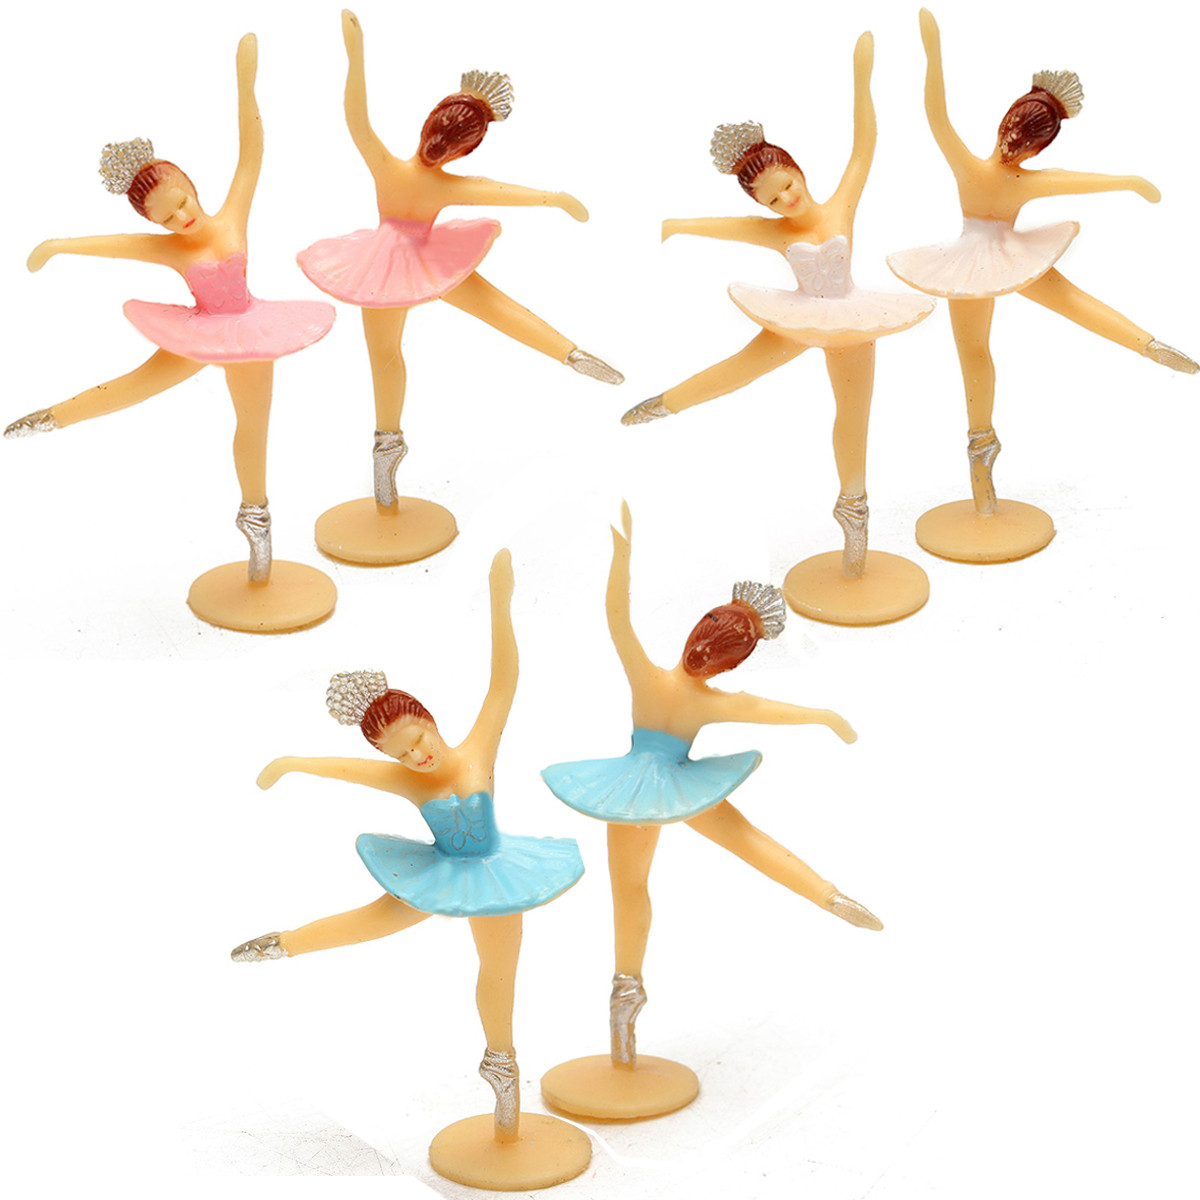 12 Teile/satz Mini Tanzen Mädchen Favor Baby Dusche Geschenk Kinder Geburtstag Decor Modell Spielzeug Für Kinder Erwachsene Kinder Zubehör Dinge FüR Die Menschen Bequem Machen